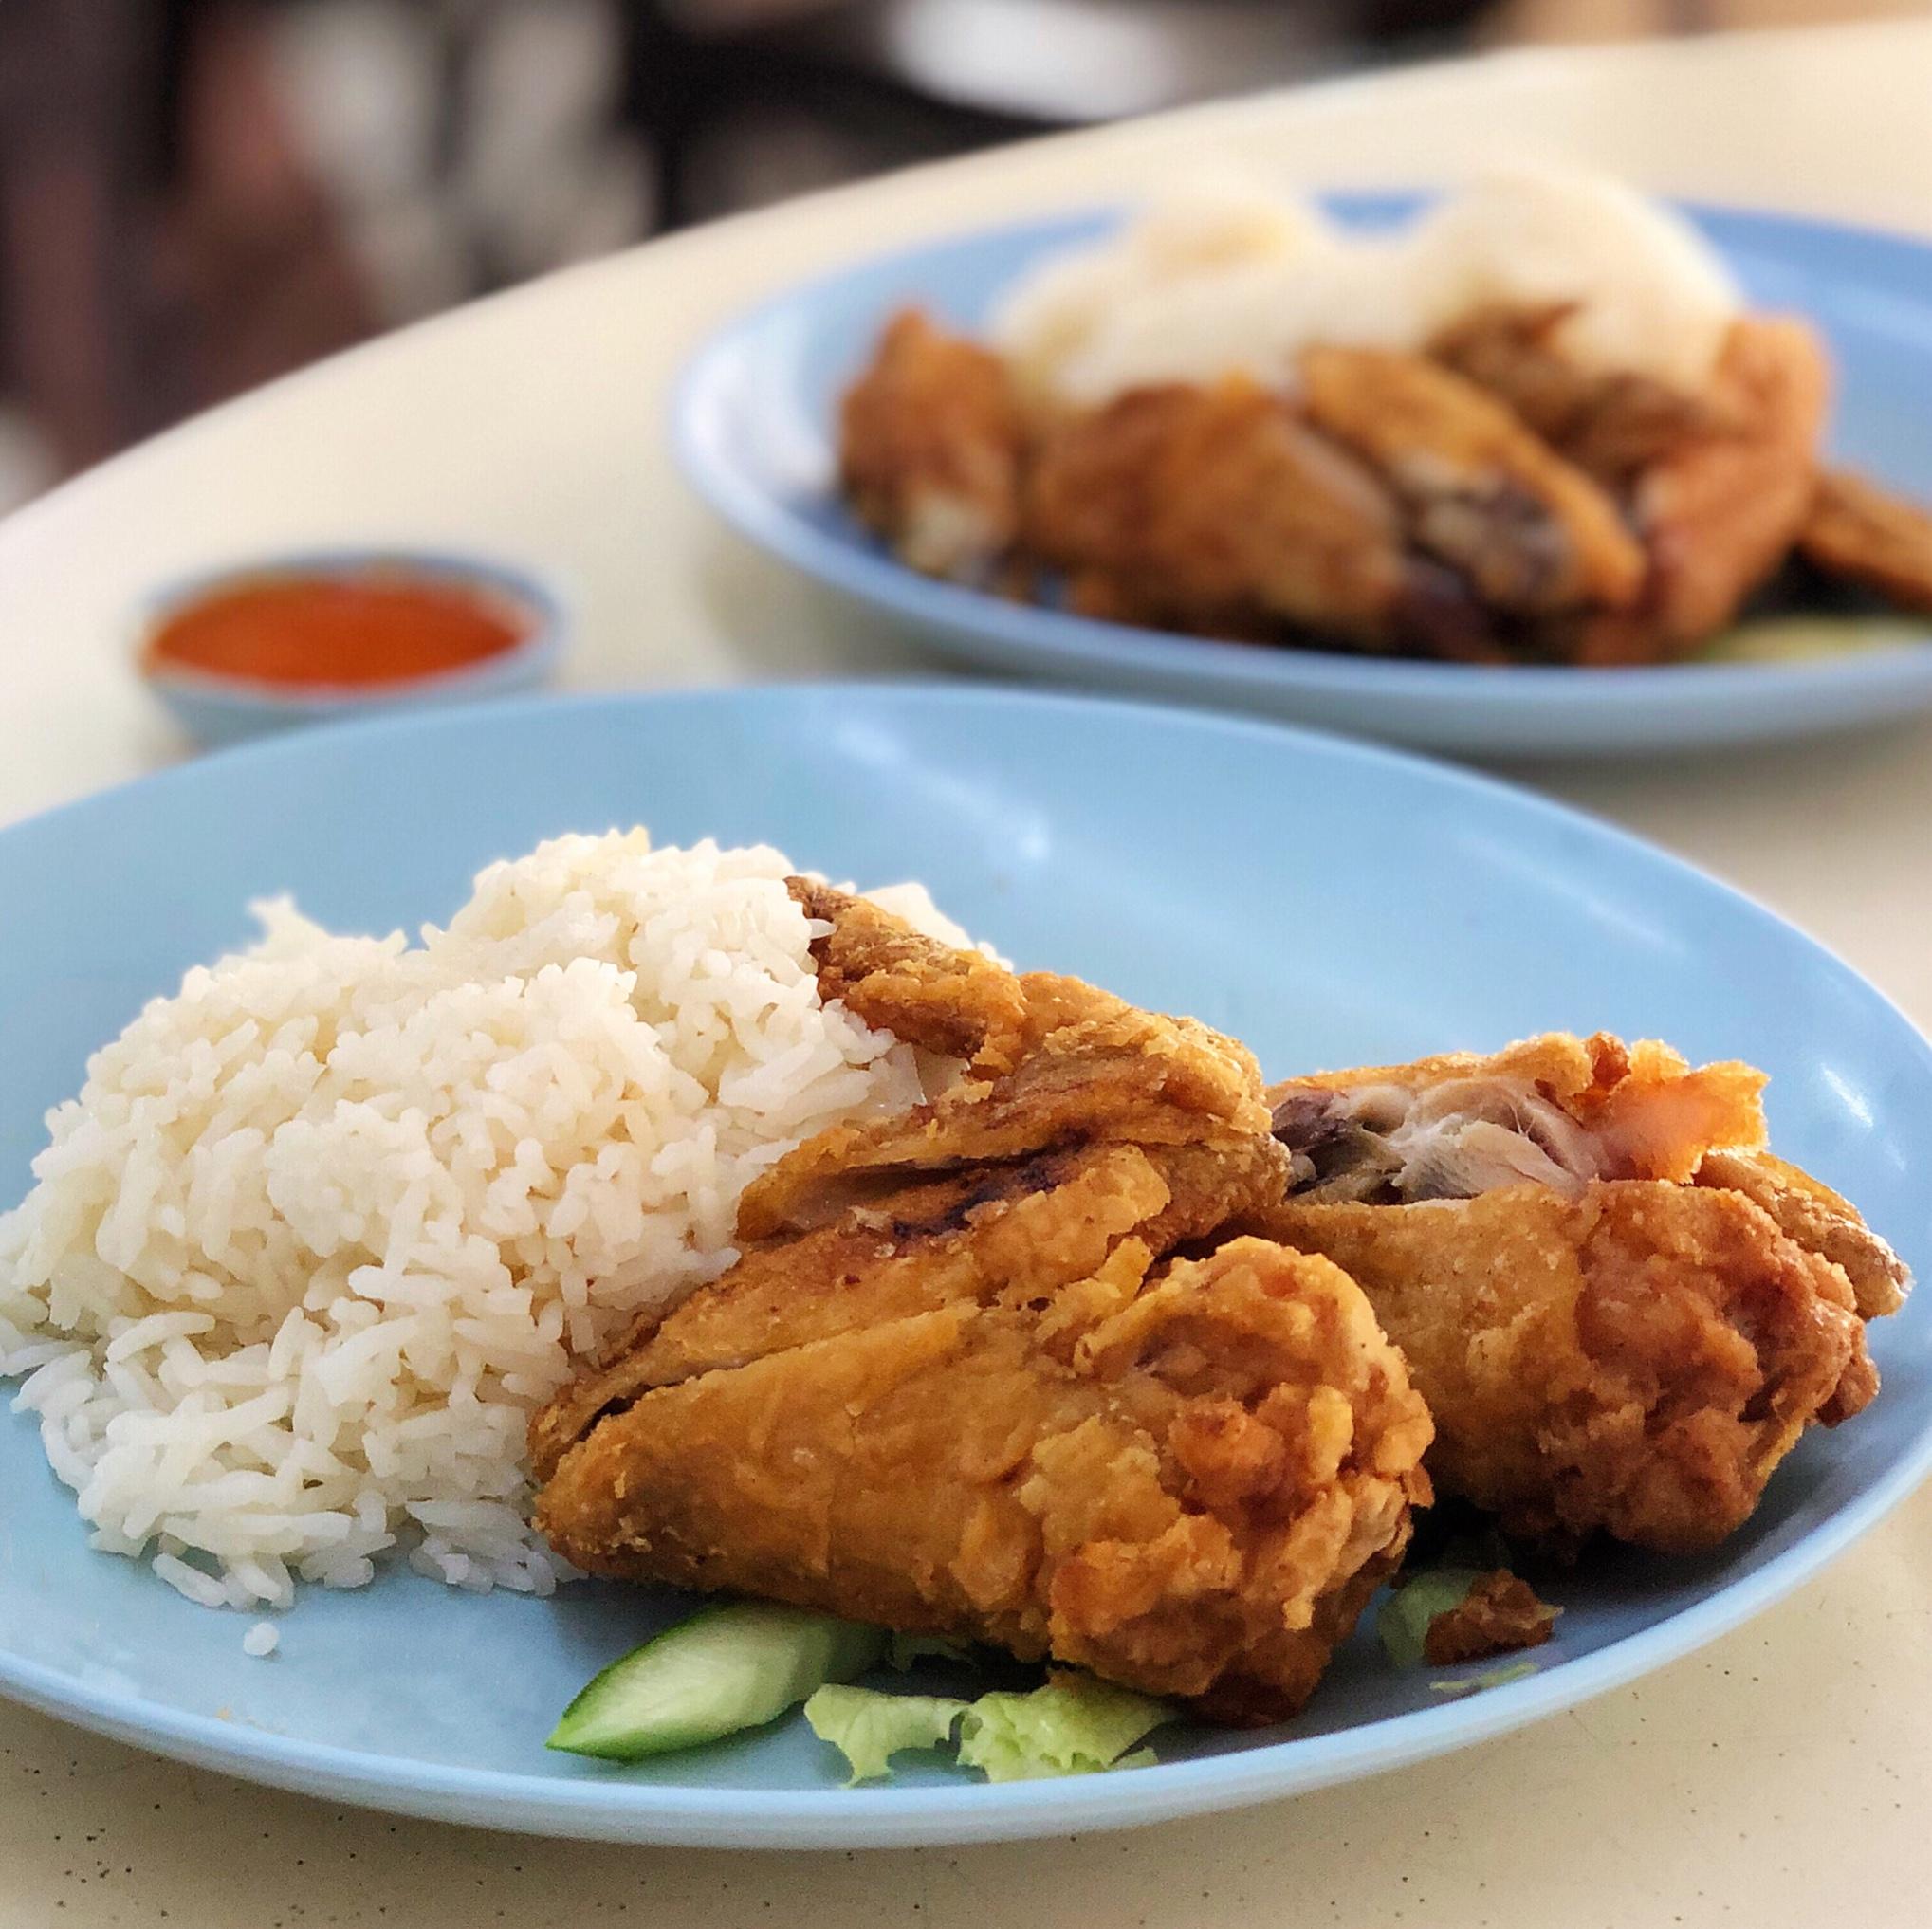 SG Cheap & Good Eats ($10 & Below / Pax)